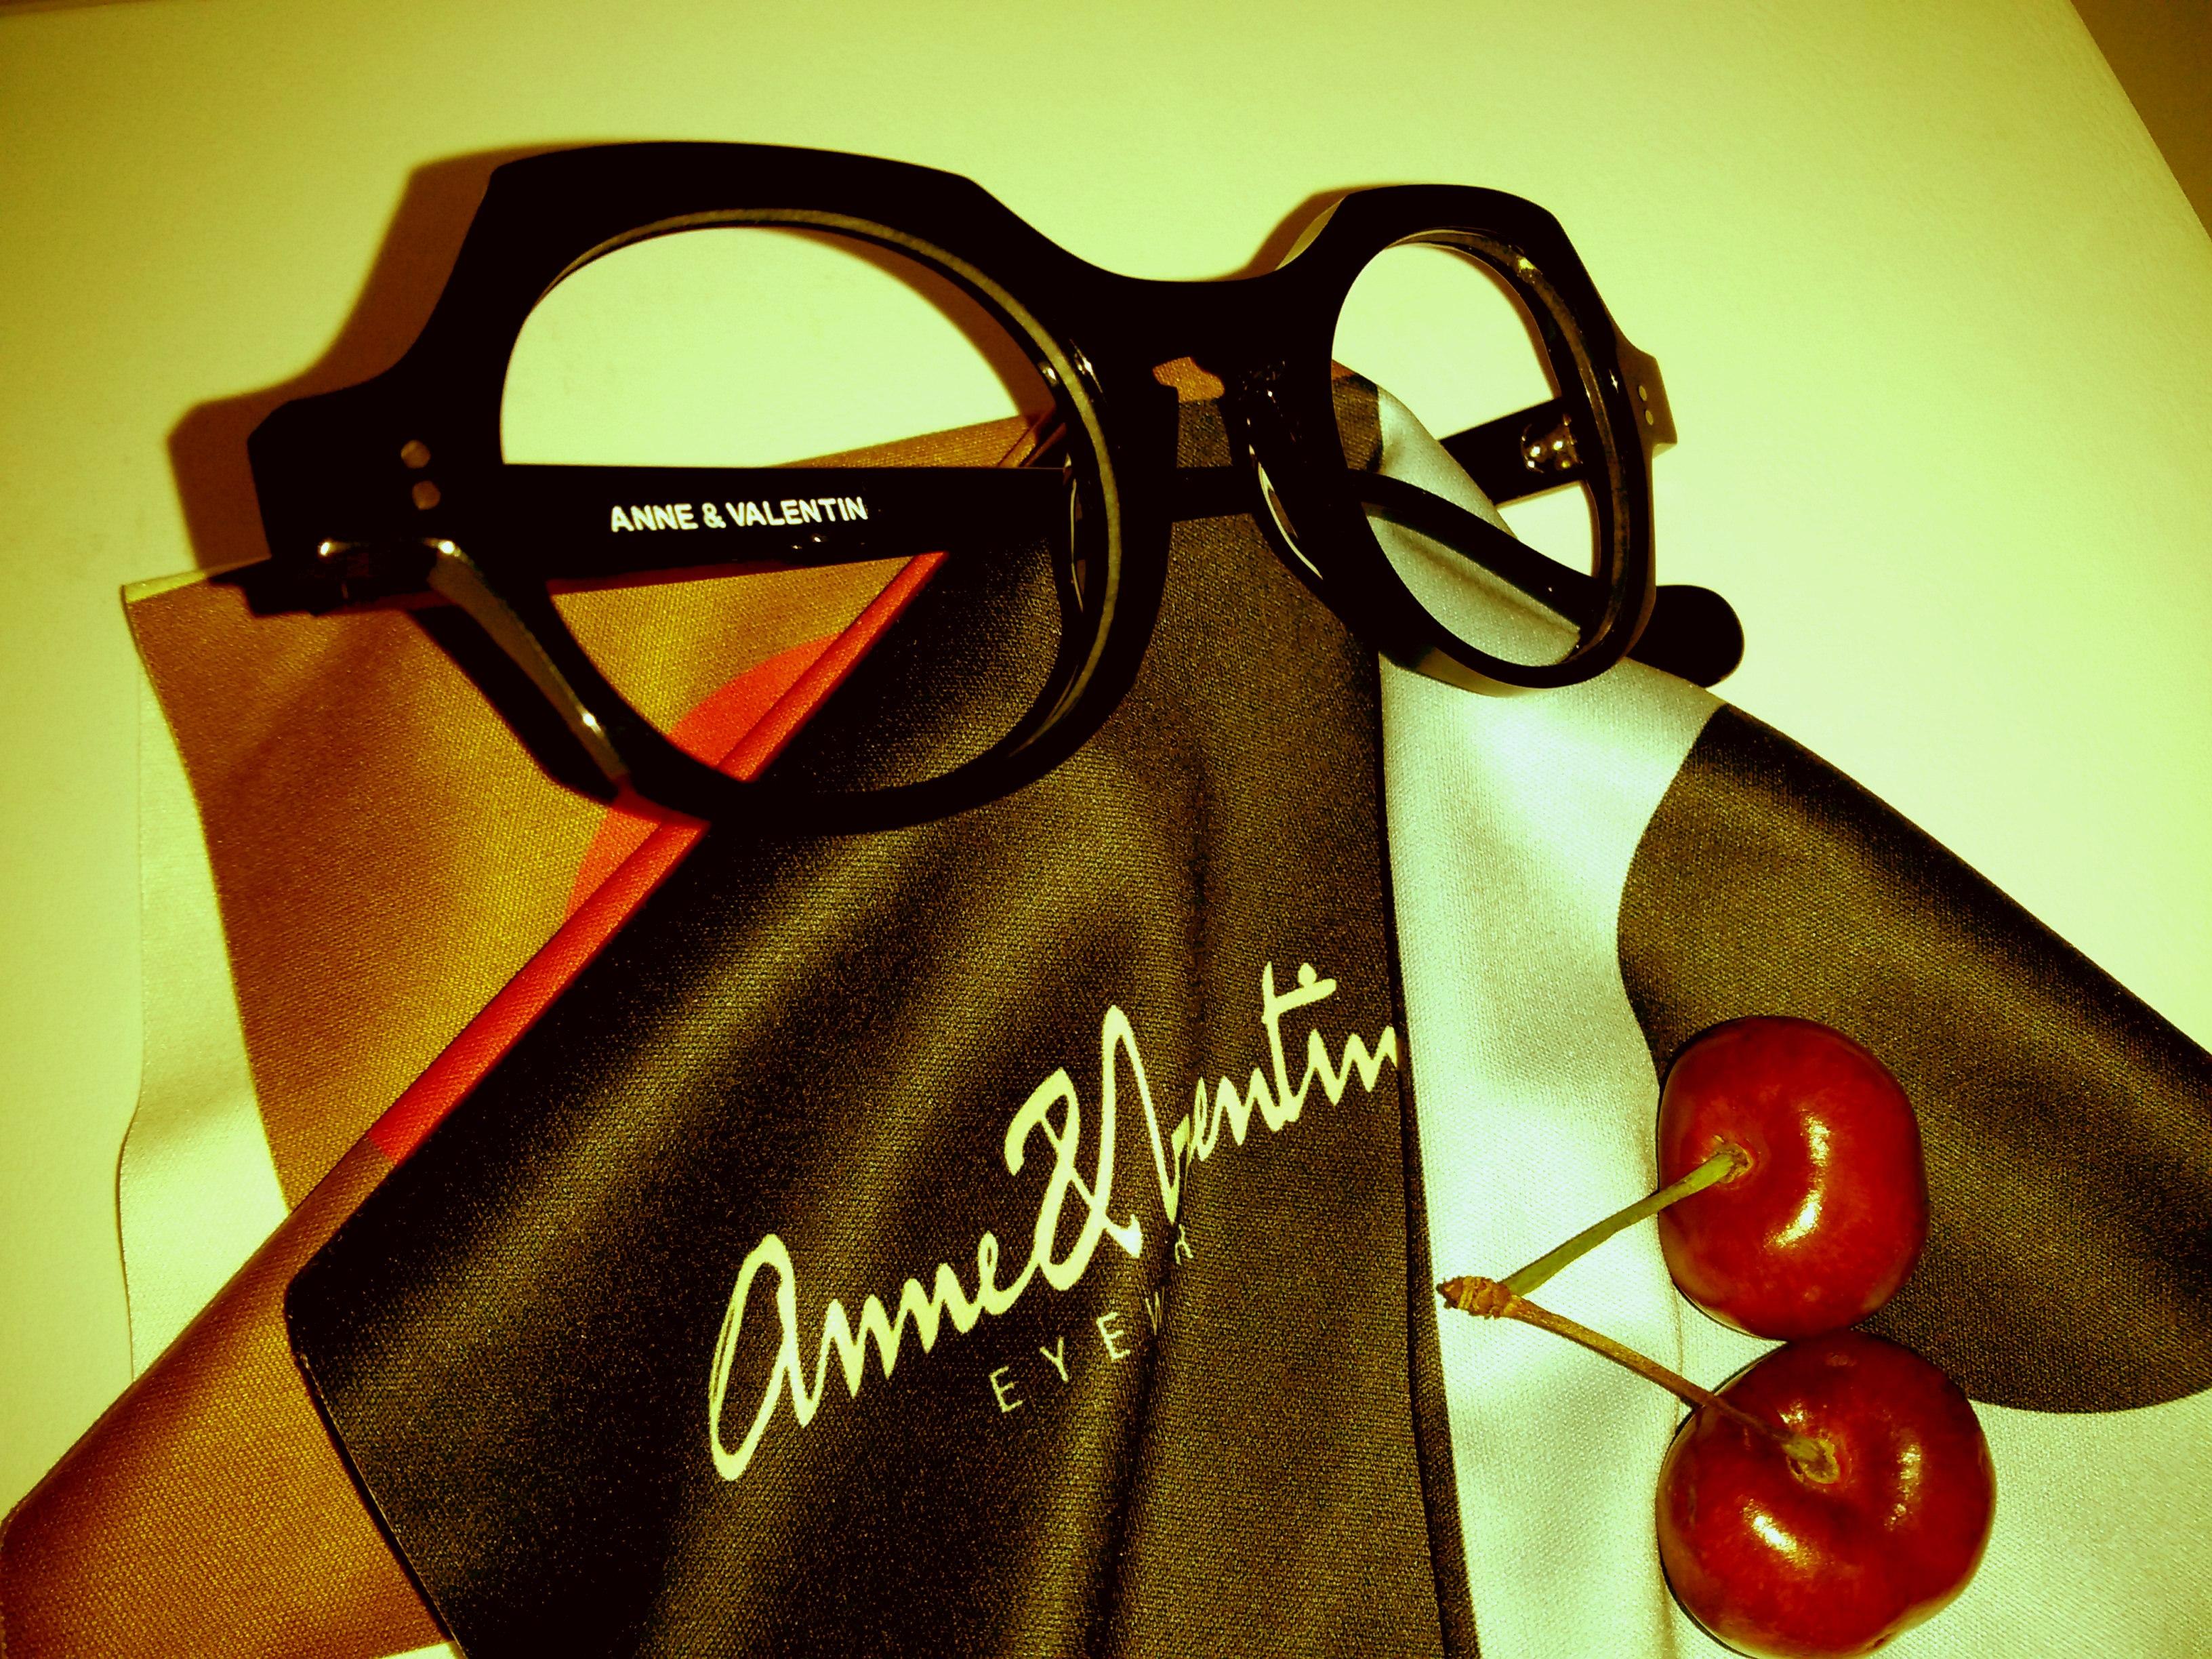 Occhiali Anne & Valentine